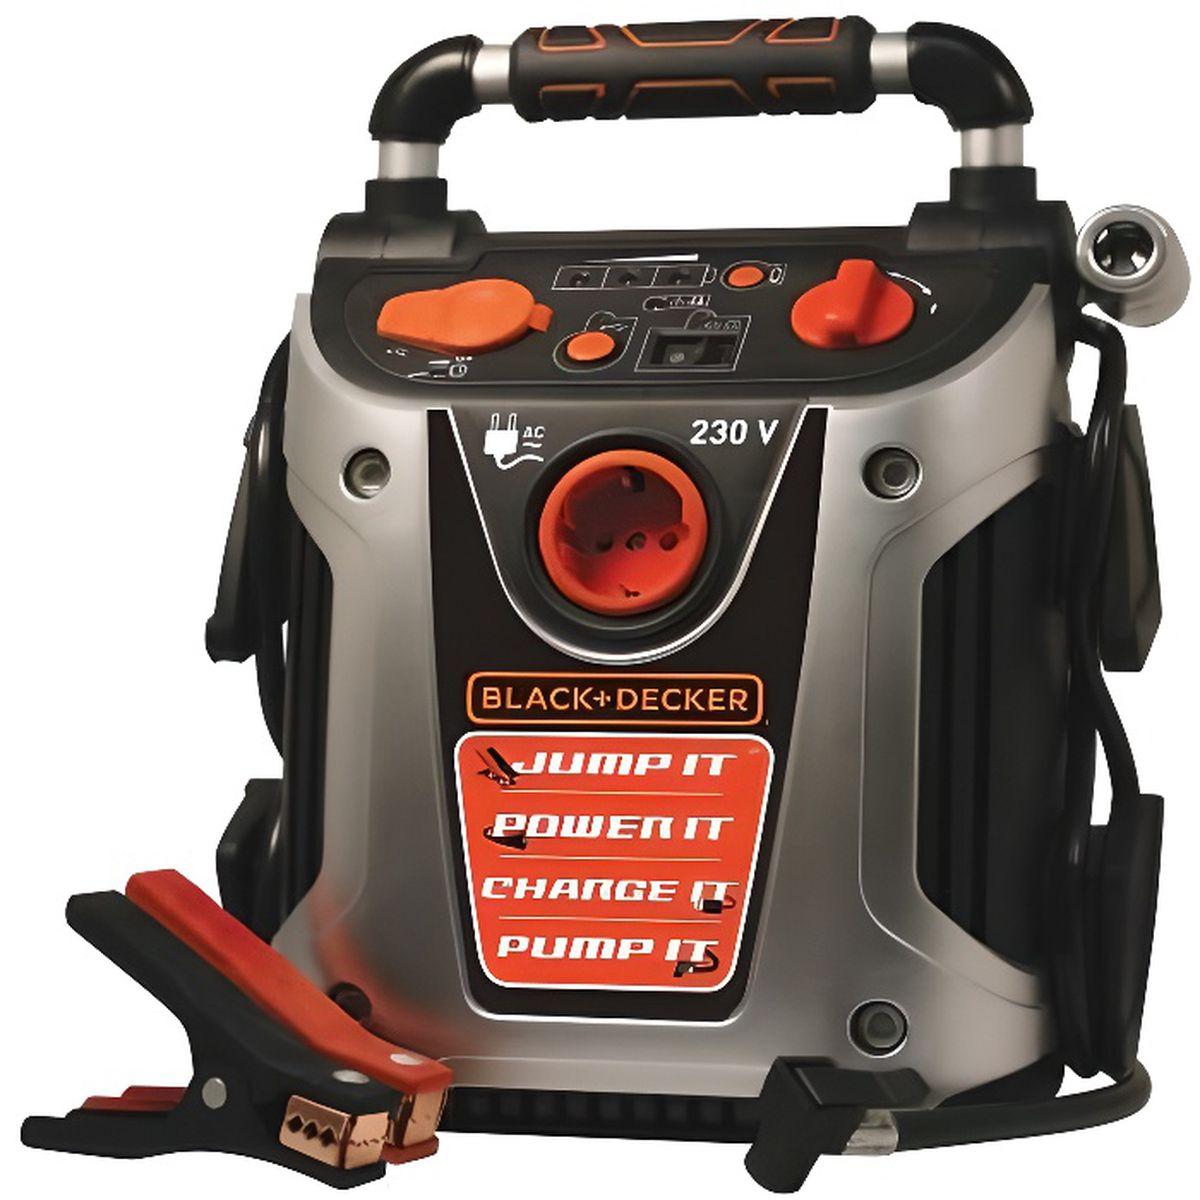 Milwaukee Batterie-Compresseur m12 bi-0 8,27 bar//120psi sans batterie et charge